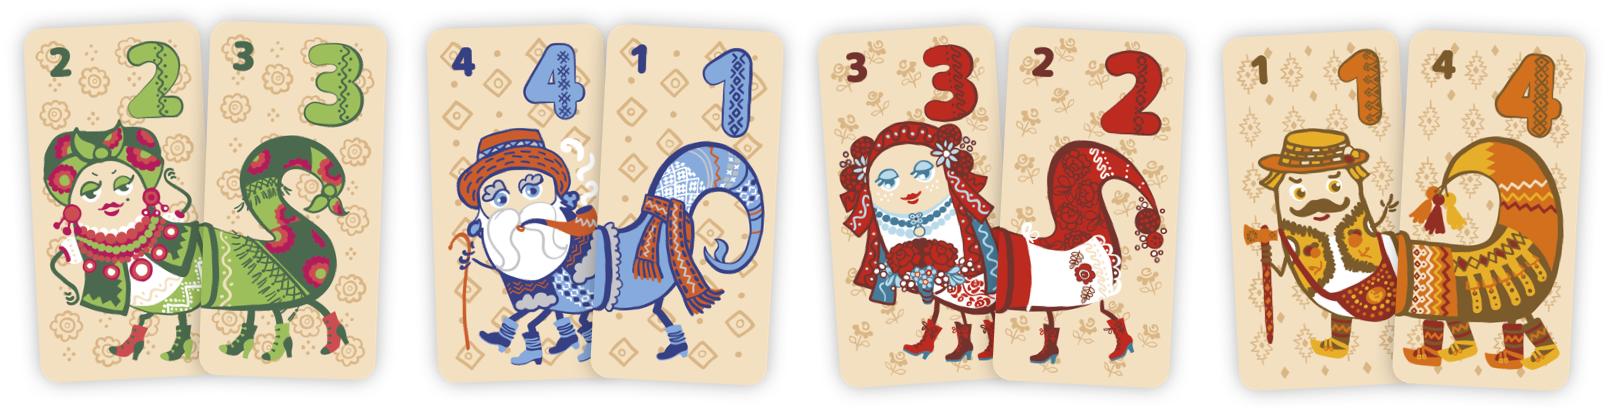 Пари карток до гри від панни Мілі